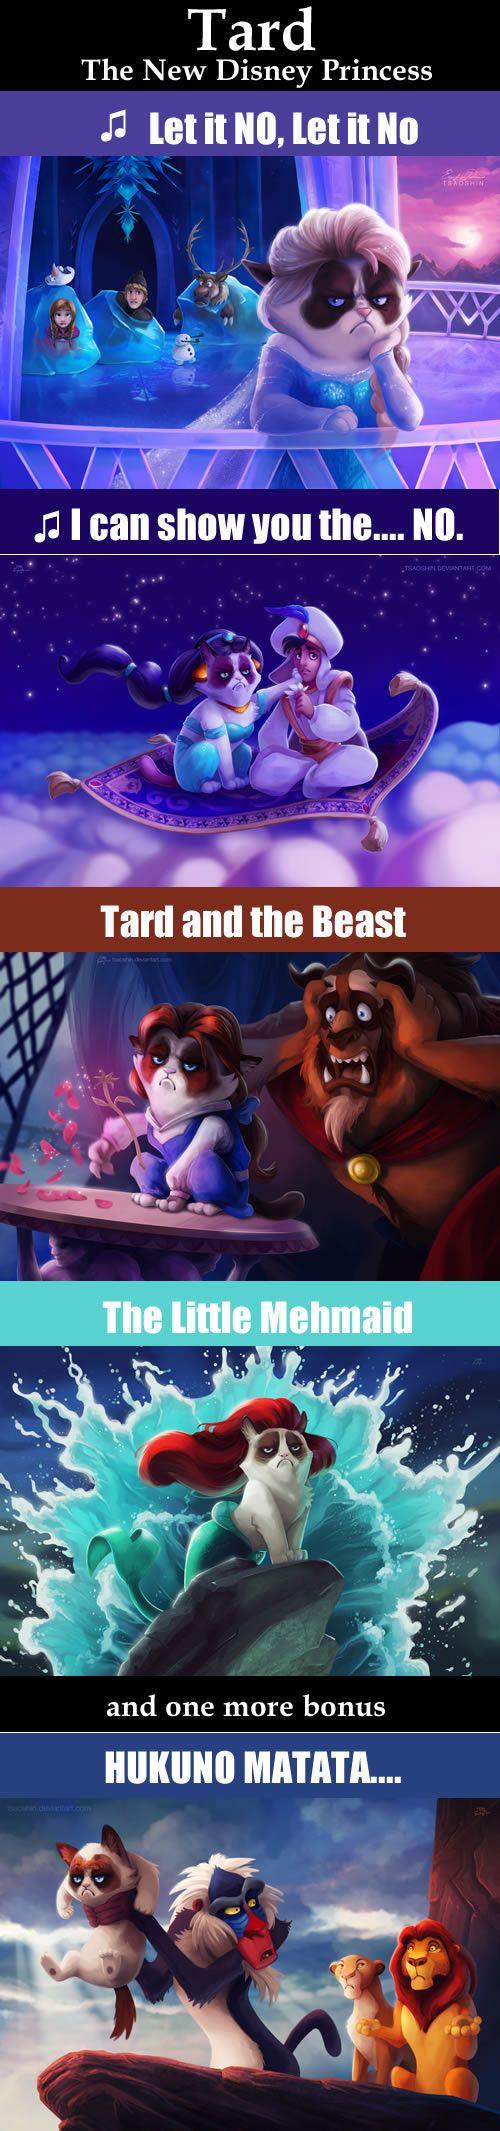 Grumpy Cat/ Tartar Sauce, Disney's next Princess. Hahahaha I just died! @Sarah Chintomby Chintomby Chintomby Davis